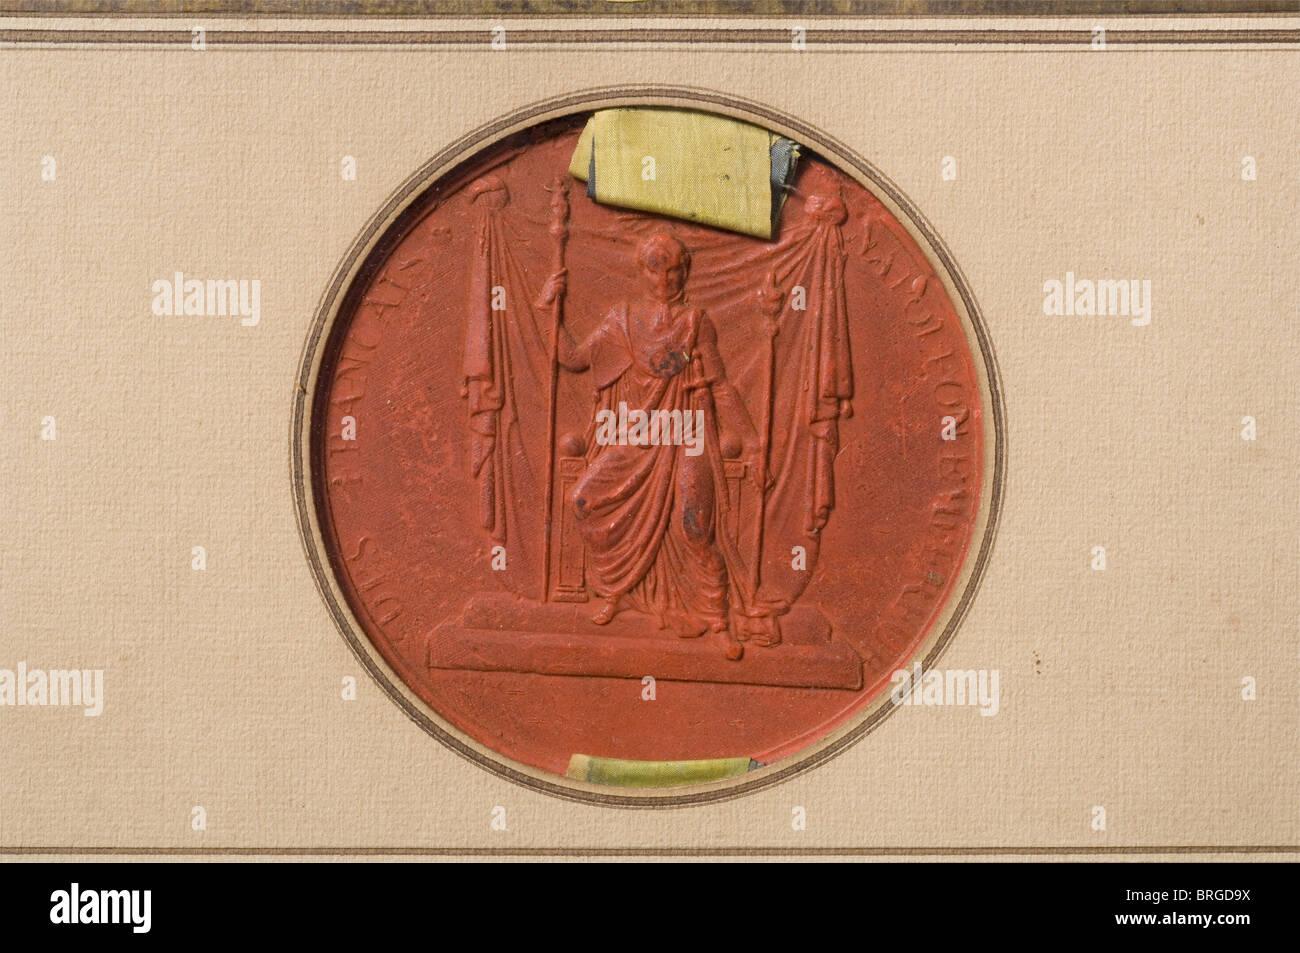 L'imperatore Napoleone I, il grande brevetto della nobiltà per Fran Ois‡Anguissola de Grassano la concessione Immagini Stock